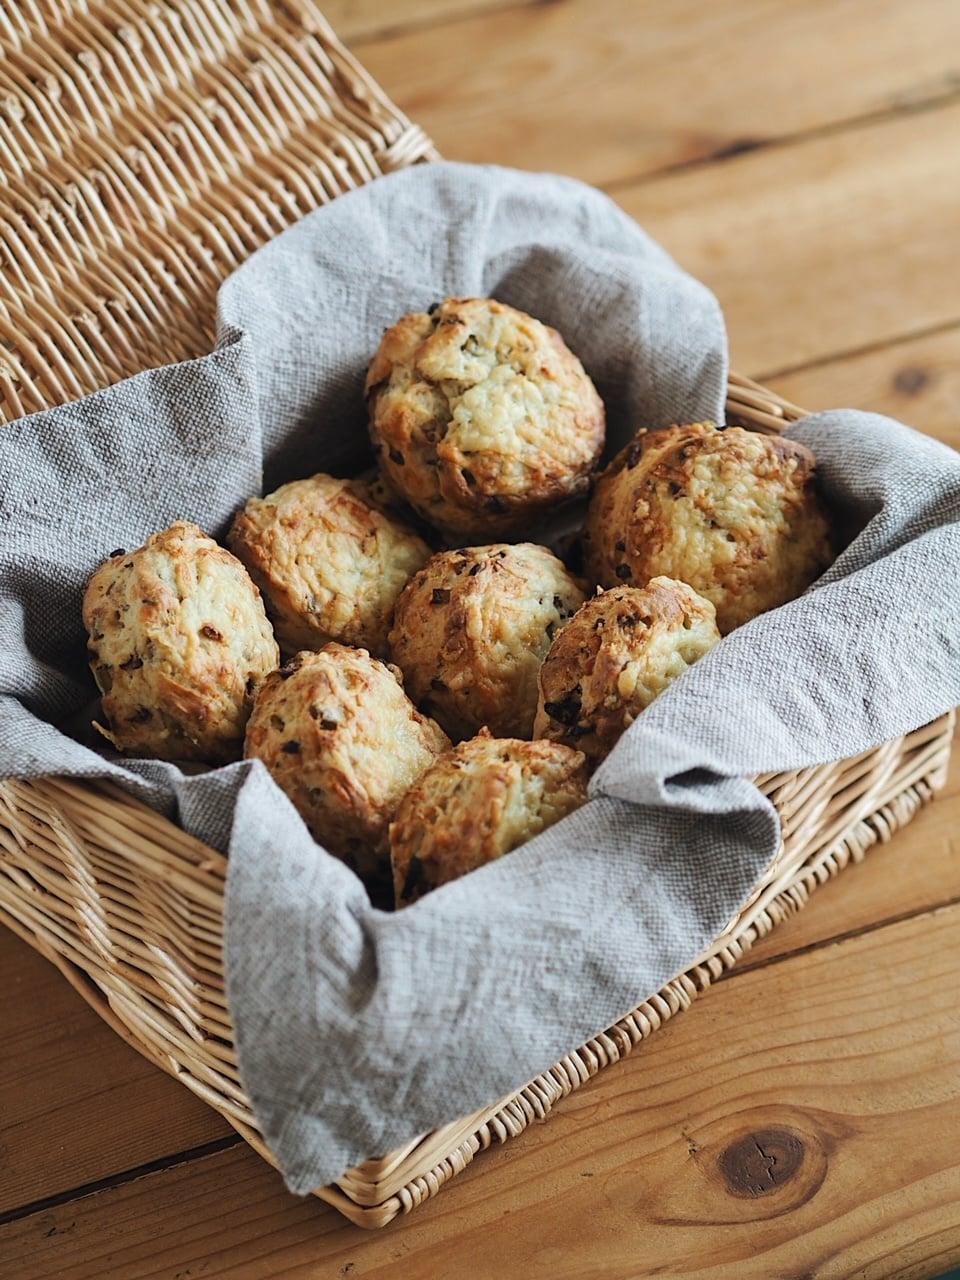 scones in basket